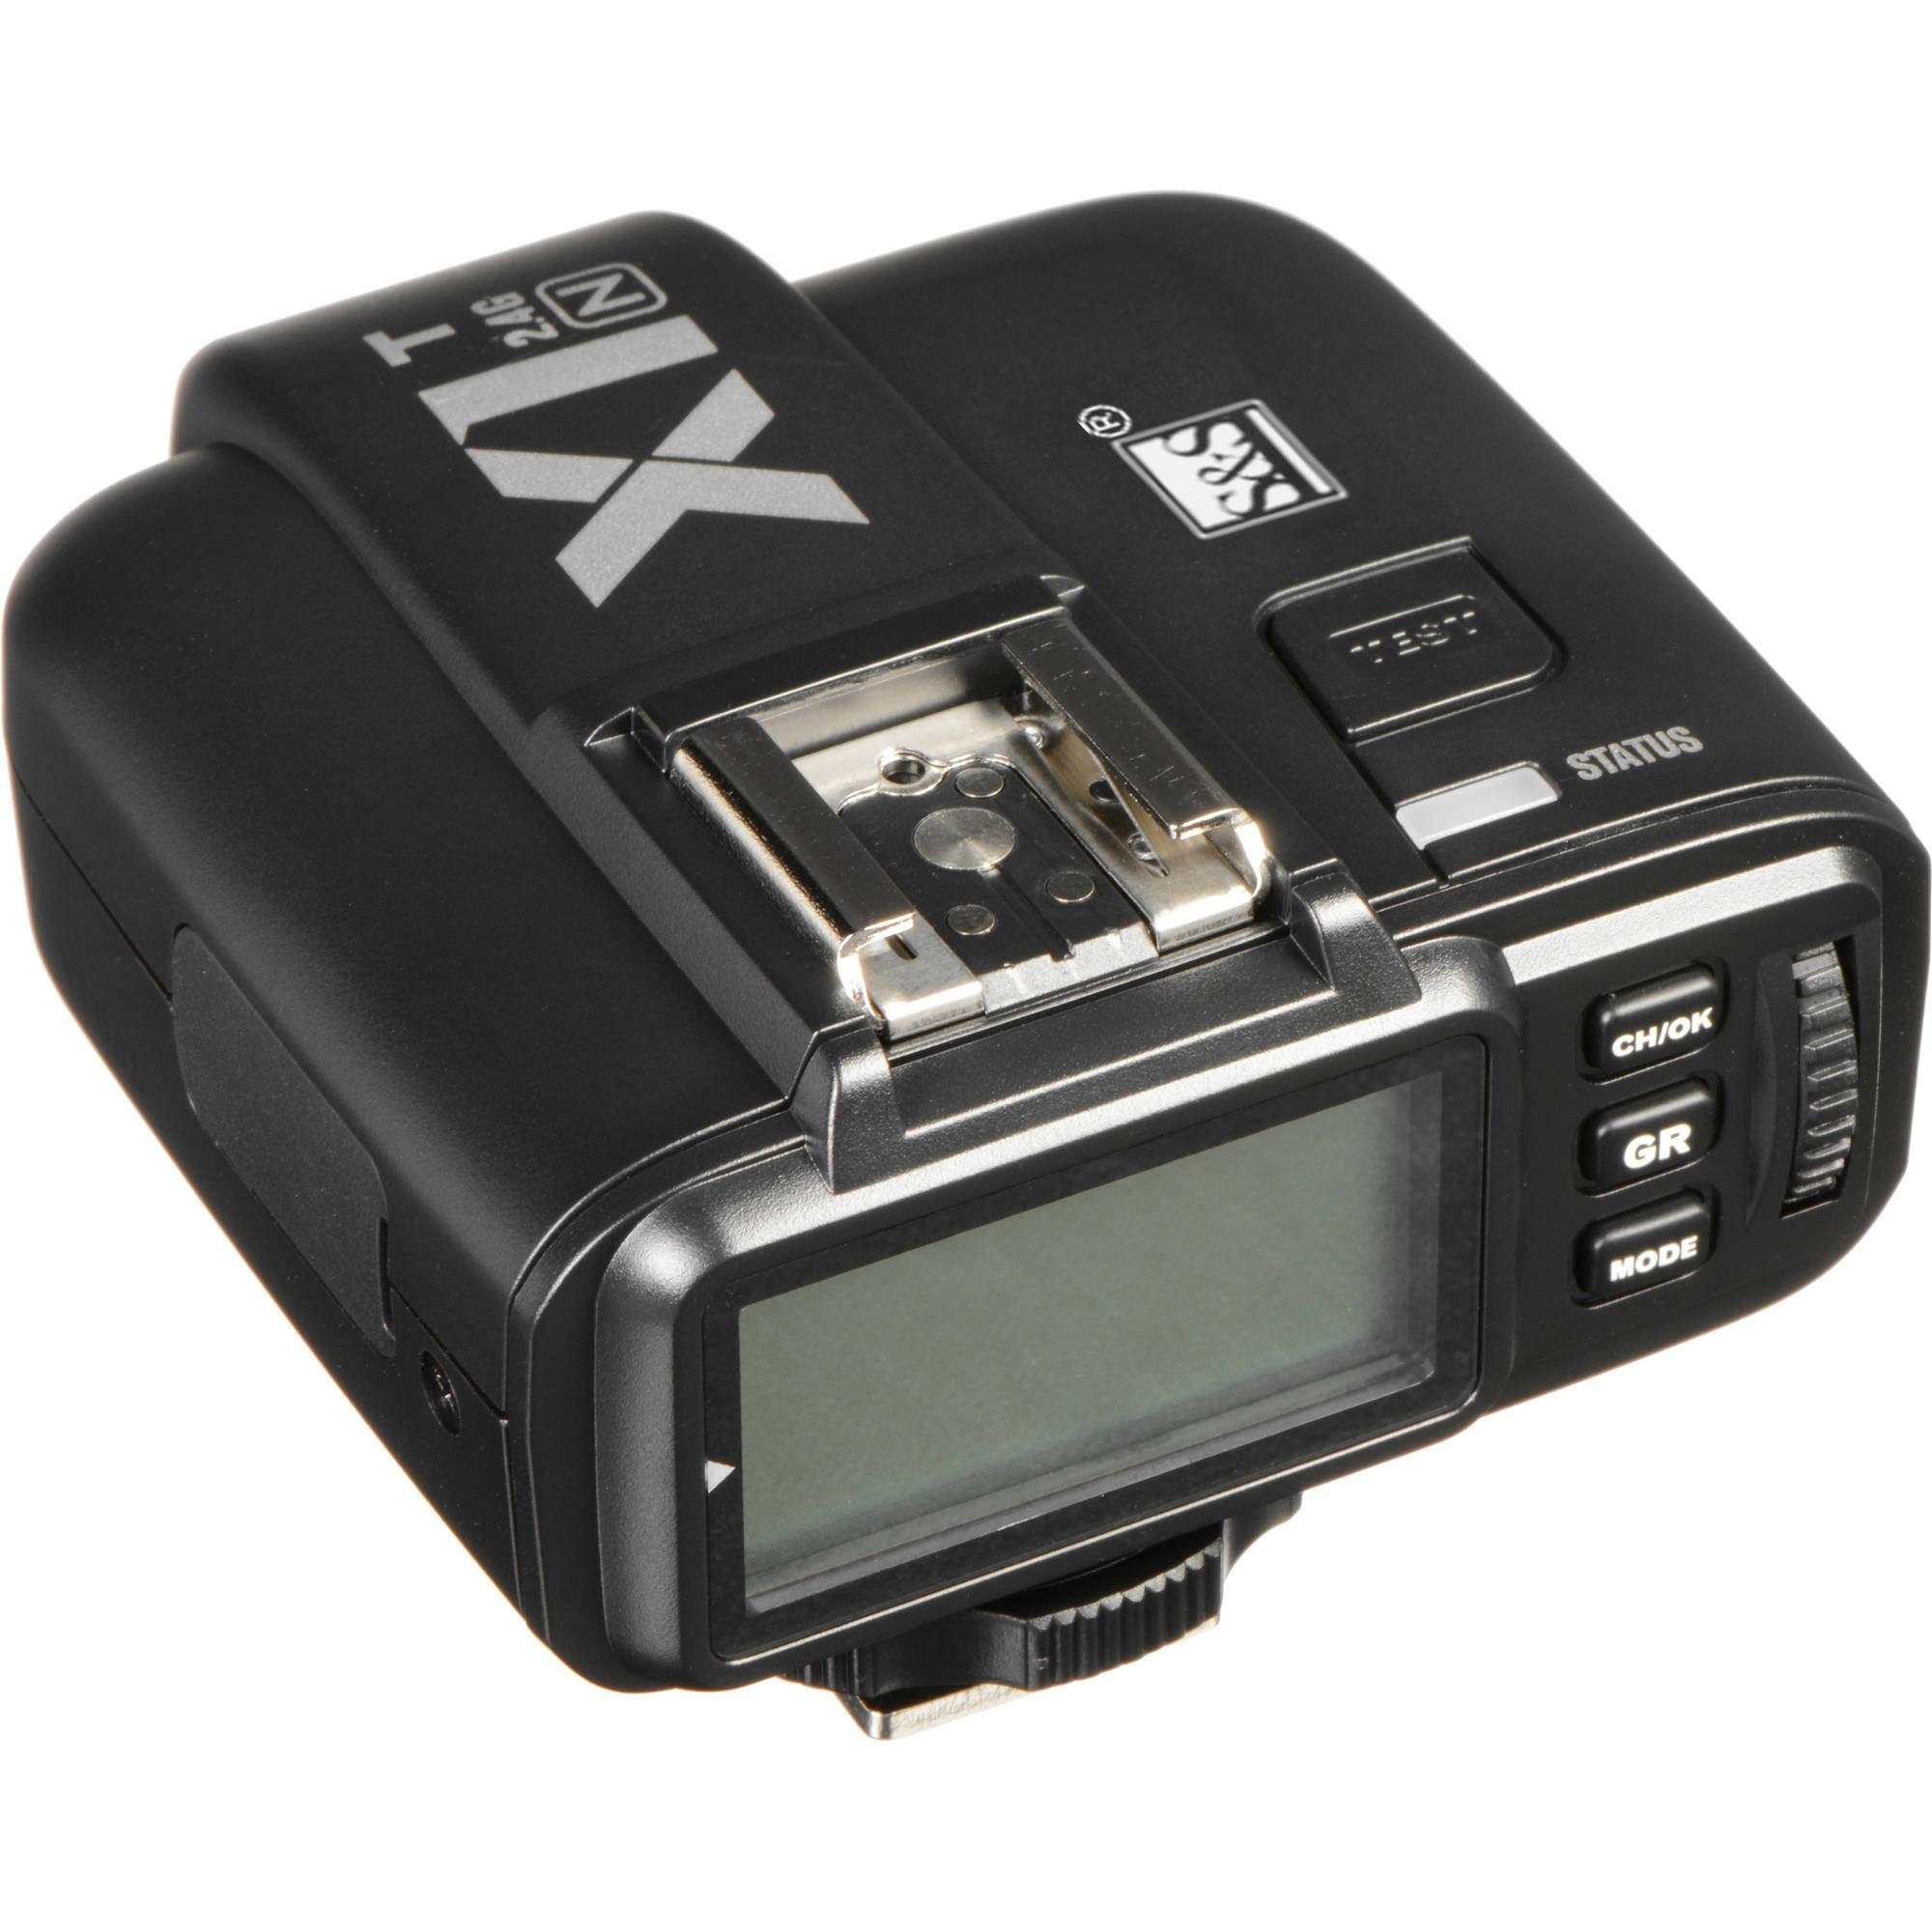 رادیو فلاش اس اند اس مدل X1 مناسب برای دوربین کانن